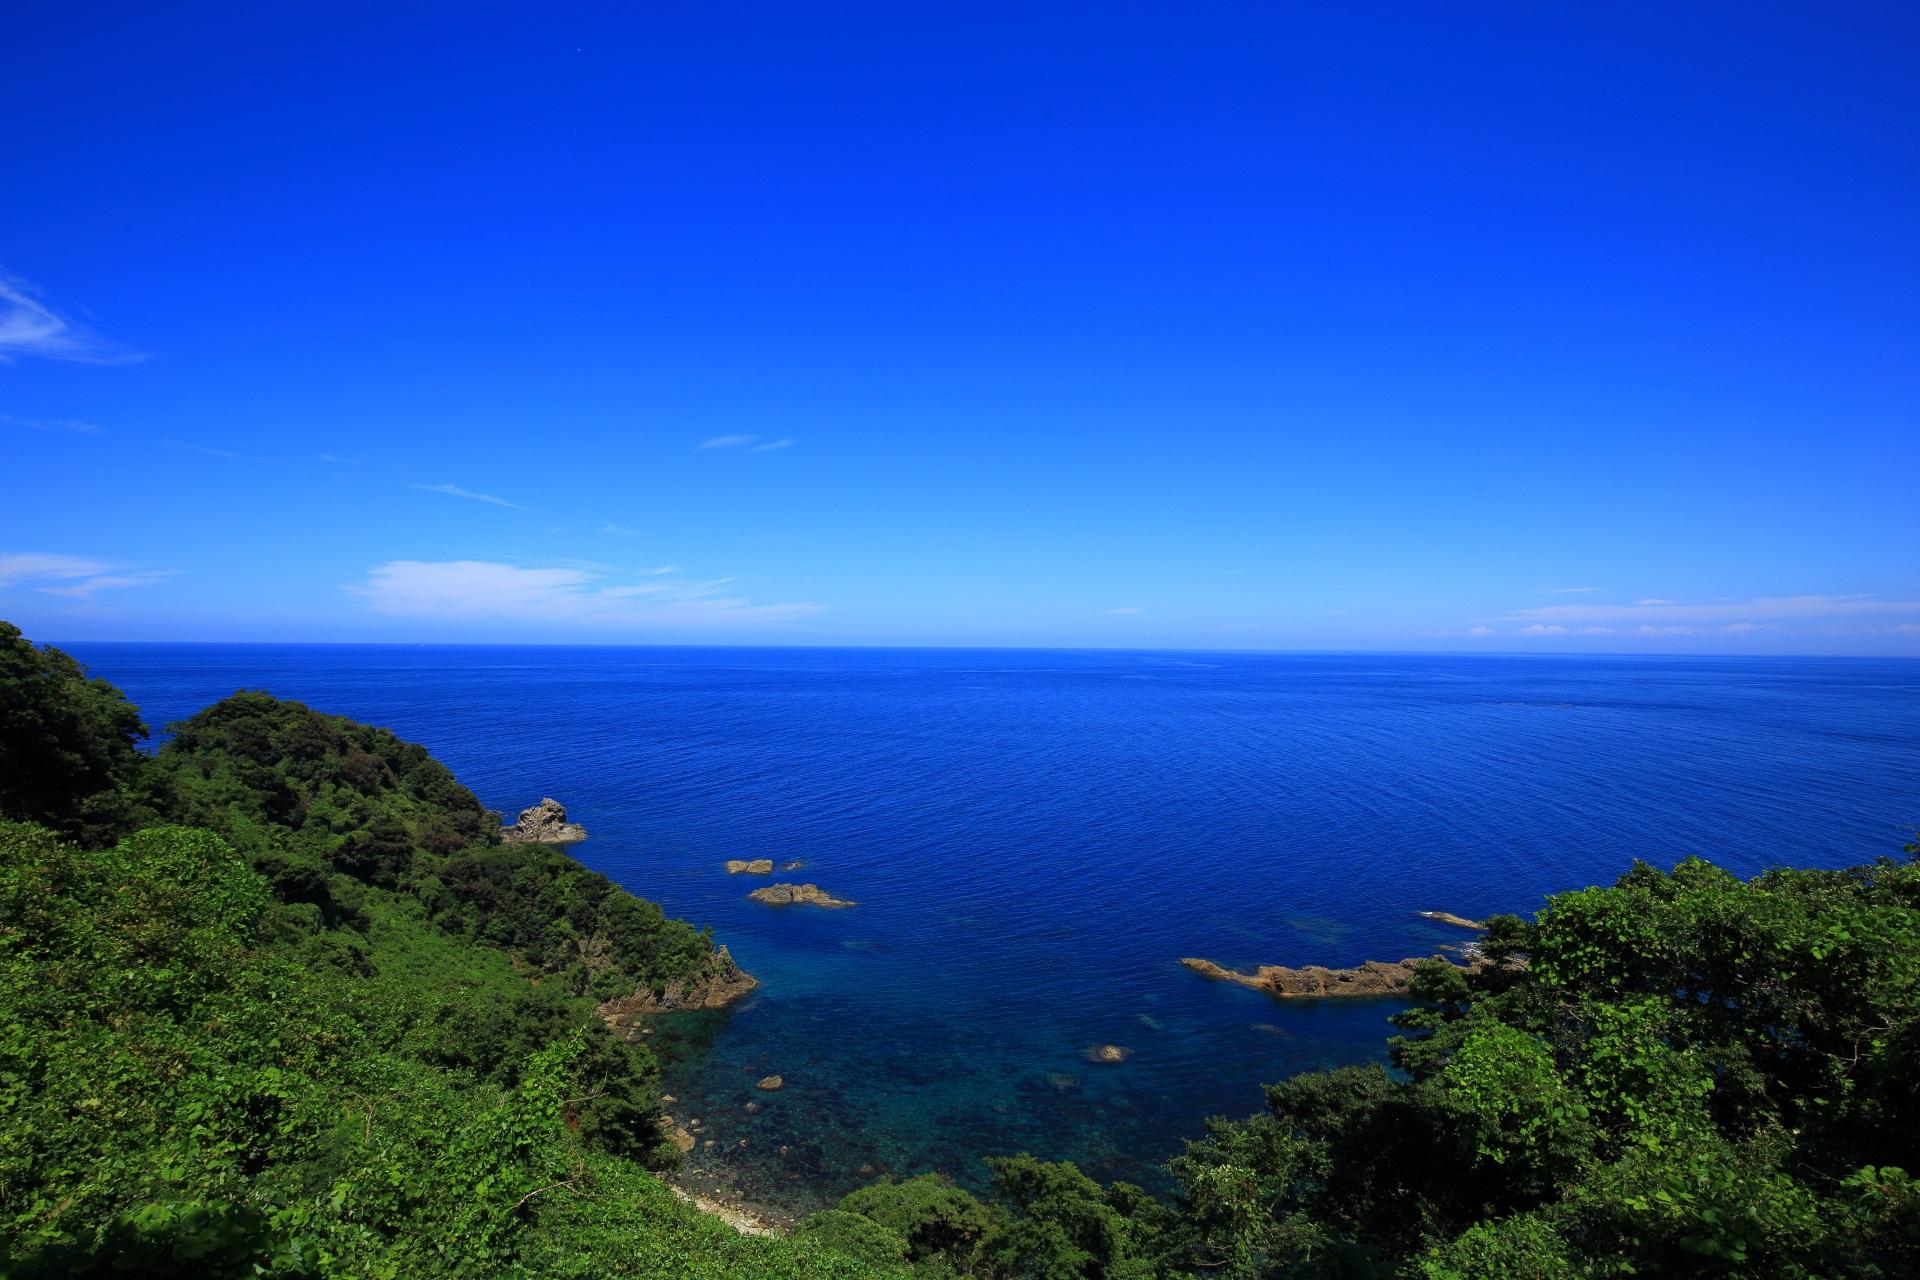 一文字の細長い岩が少し南に見える丹後半島の海と空の絶品の景色